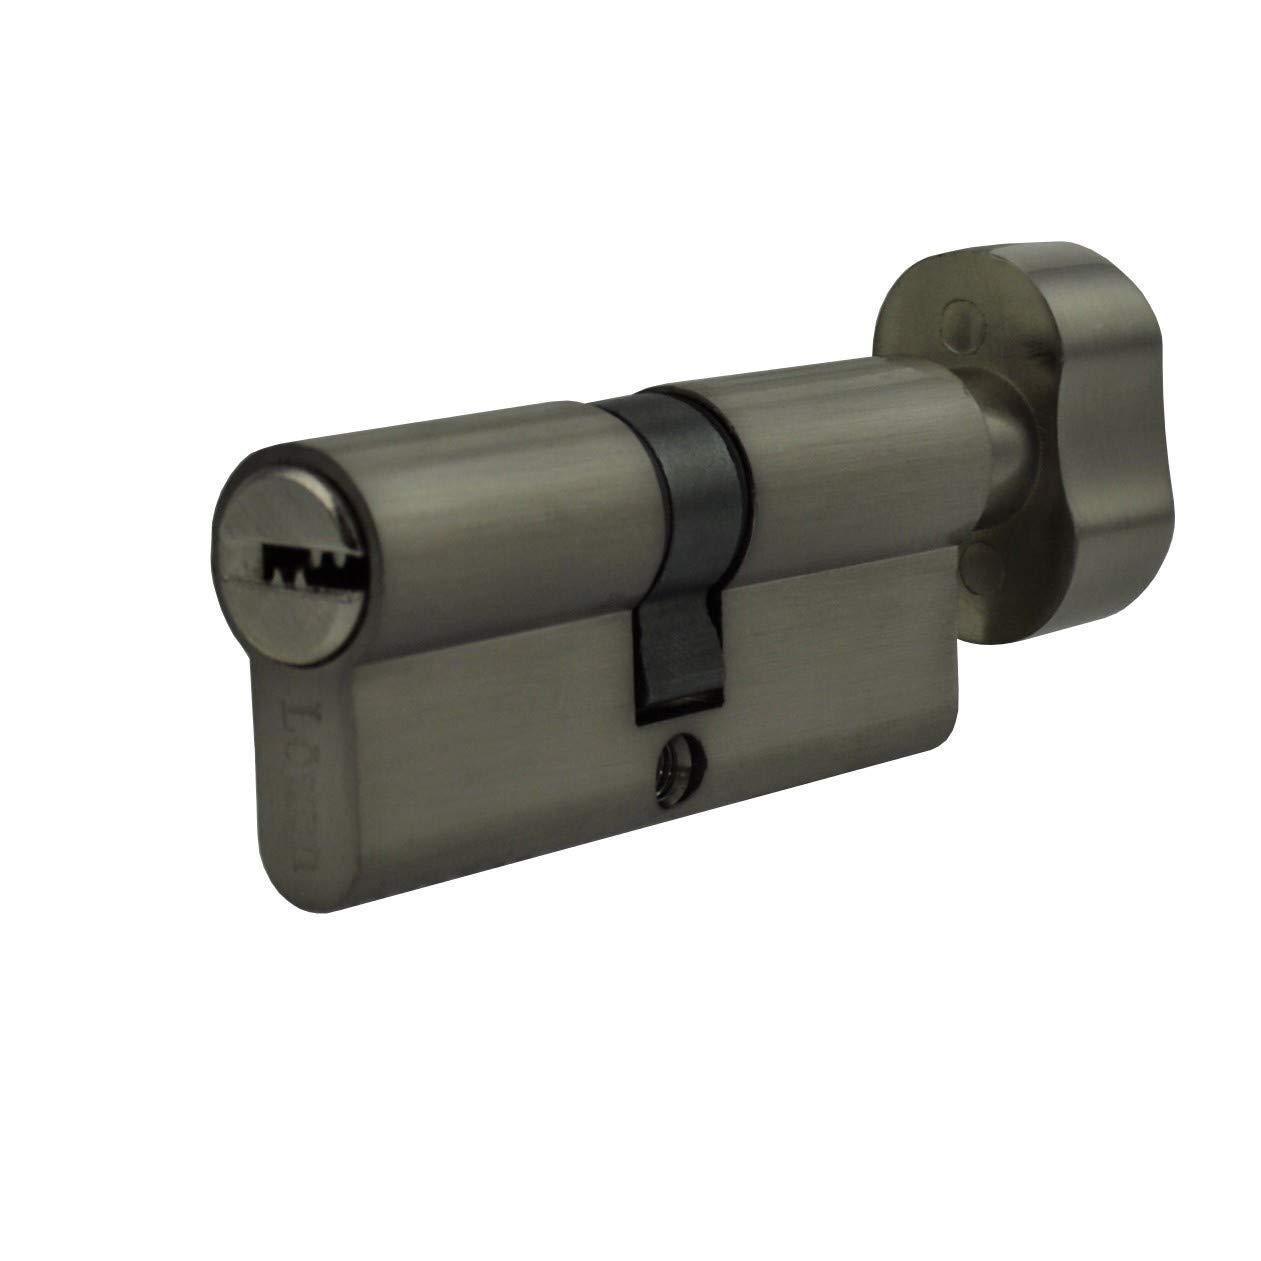 1 x Cerradura de cilindro 60 mm con cerradura (plano KS y 5 Reversible Llave (30 x 30): Amazon.es: Bricolaje y herramientas